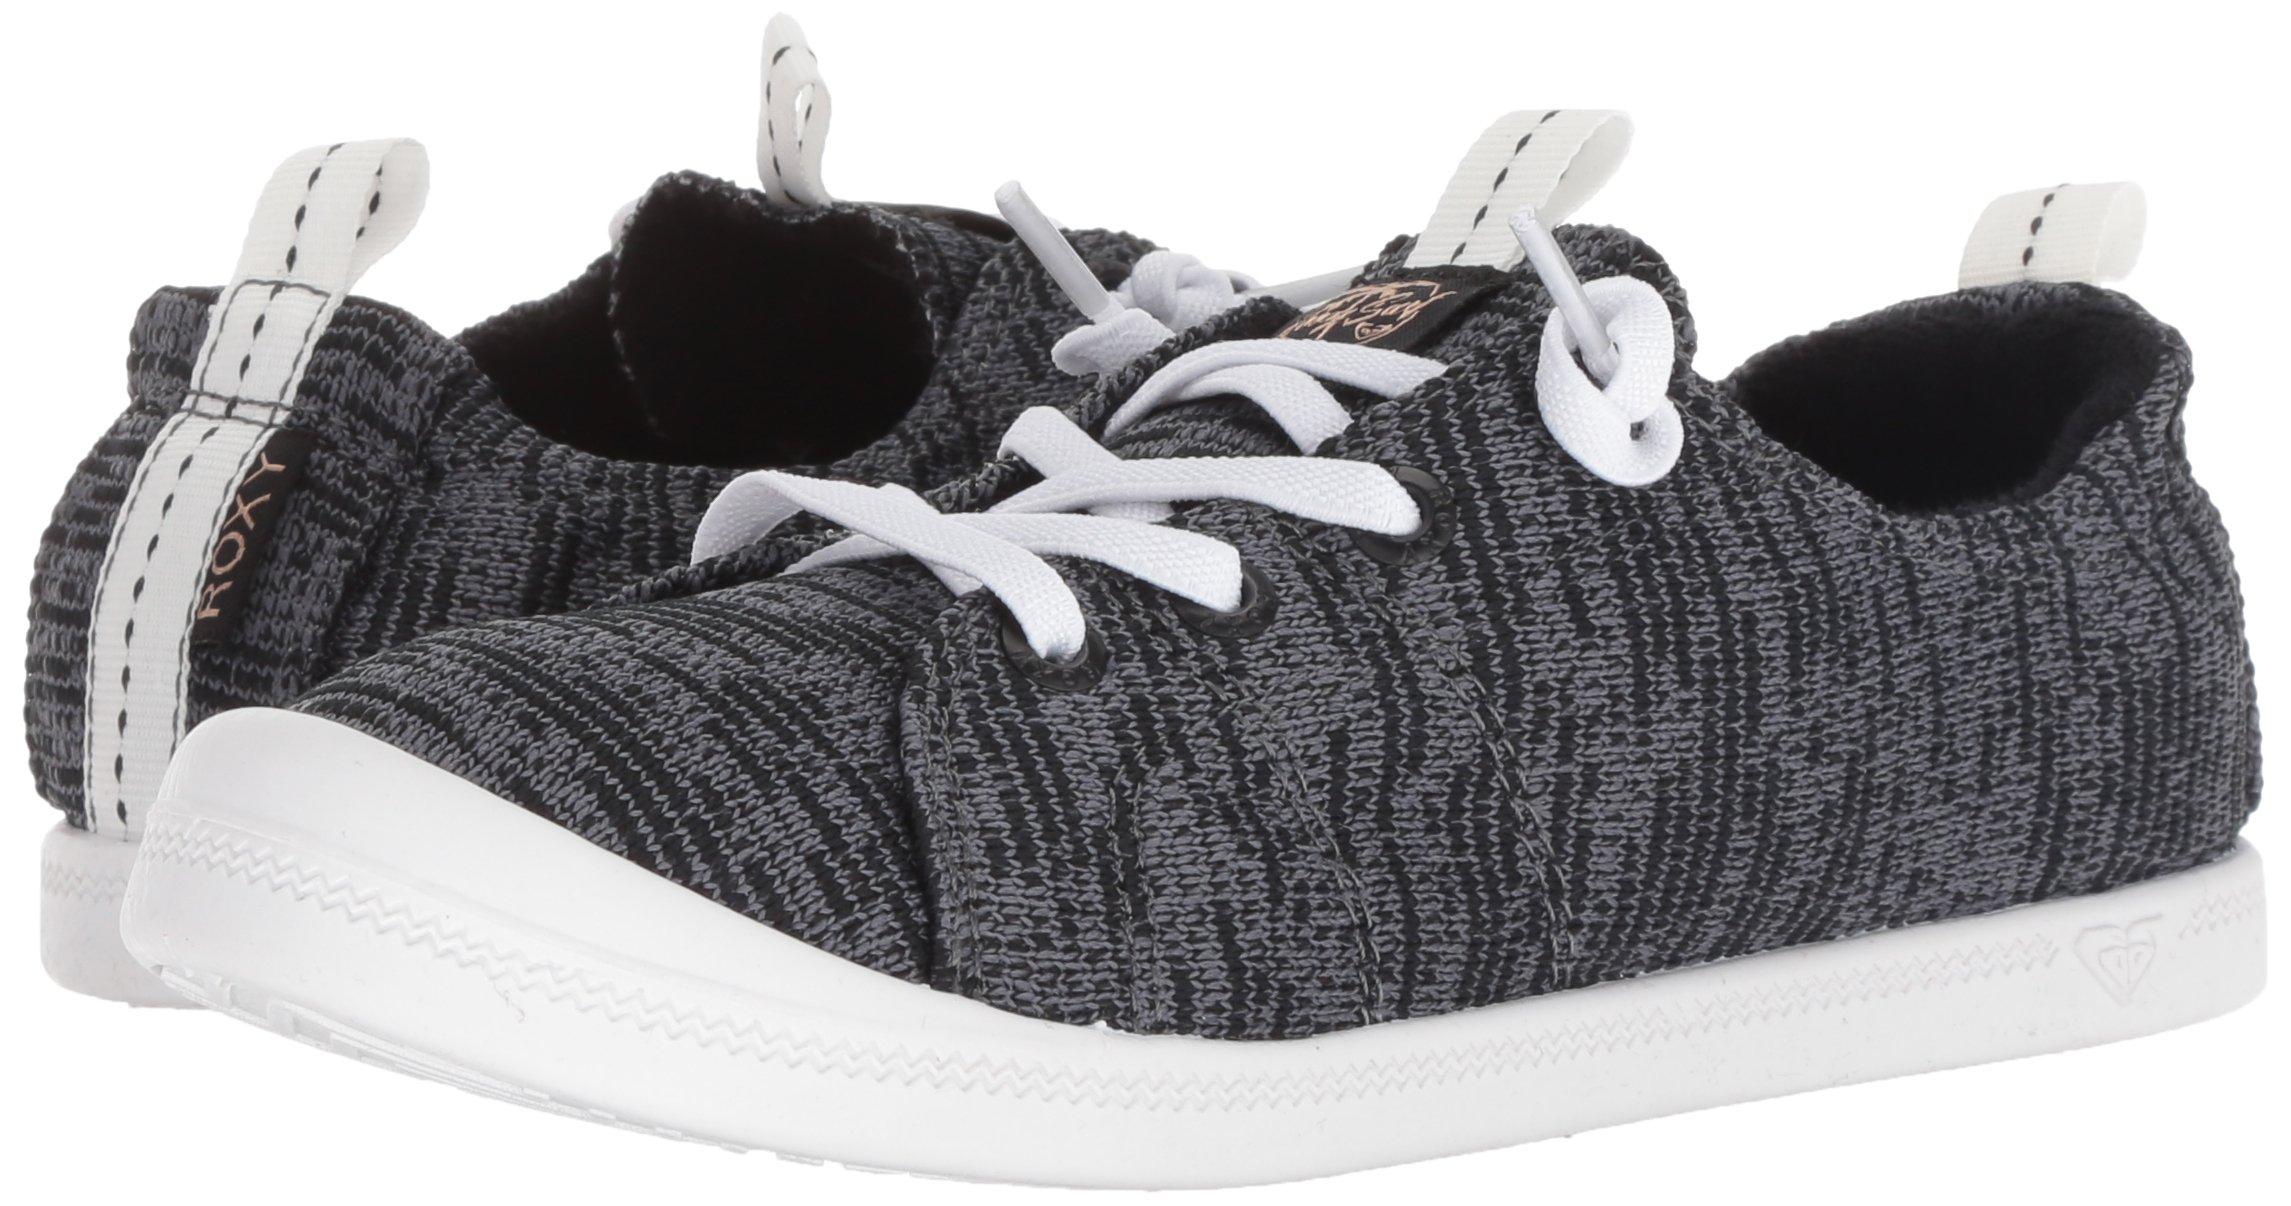 Roxy Women's Bayshore Sport Slip on Shoe Fashion Sneaker, Black, 8.5 M US by Roxy (Image #5)